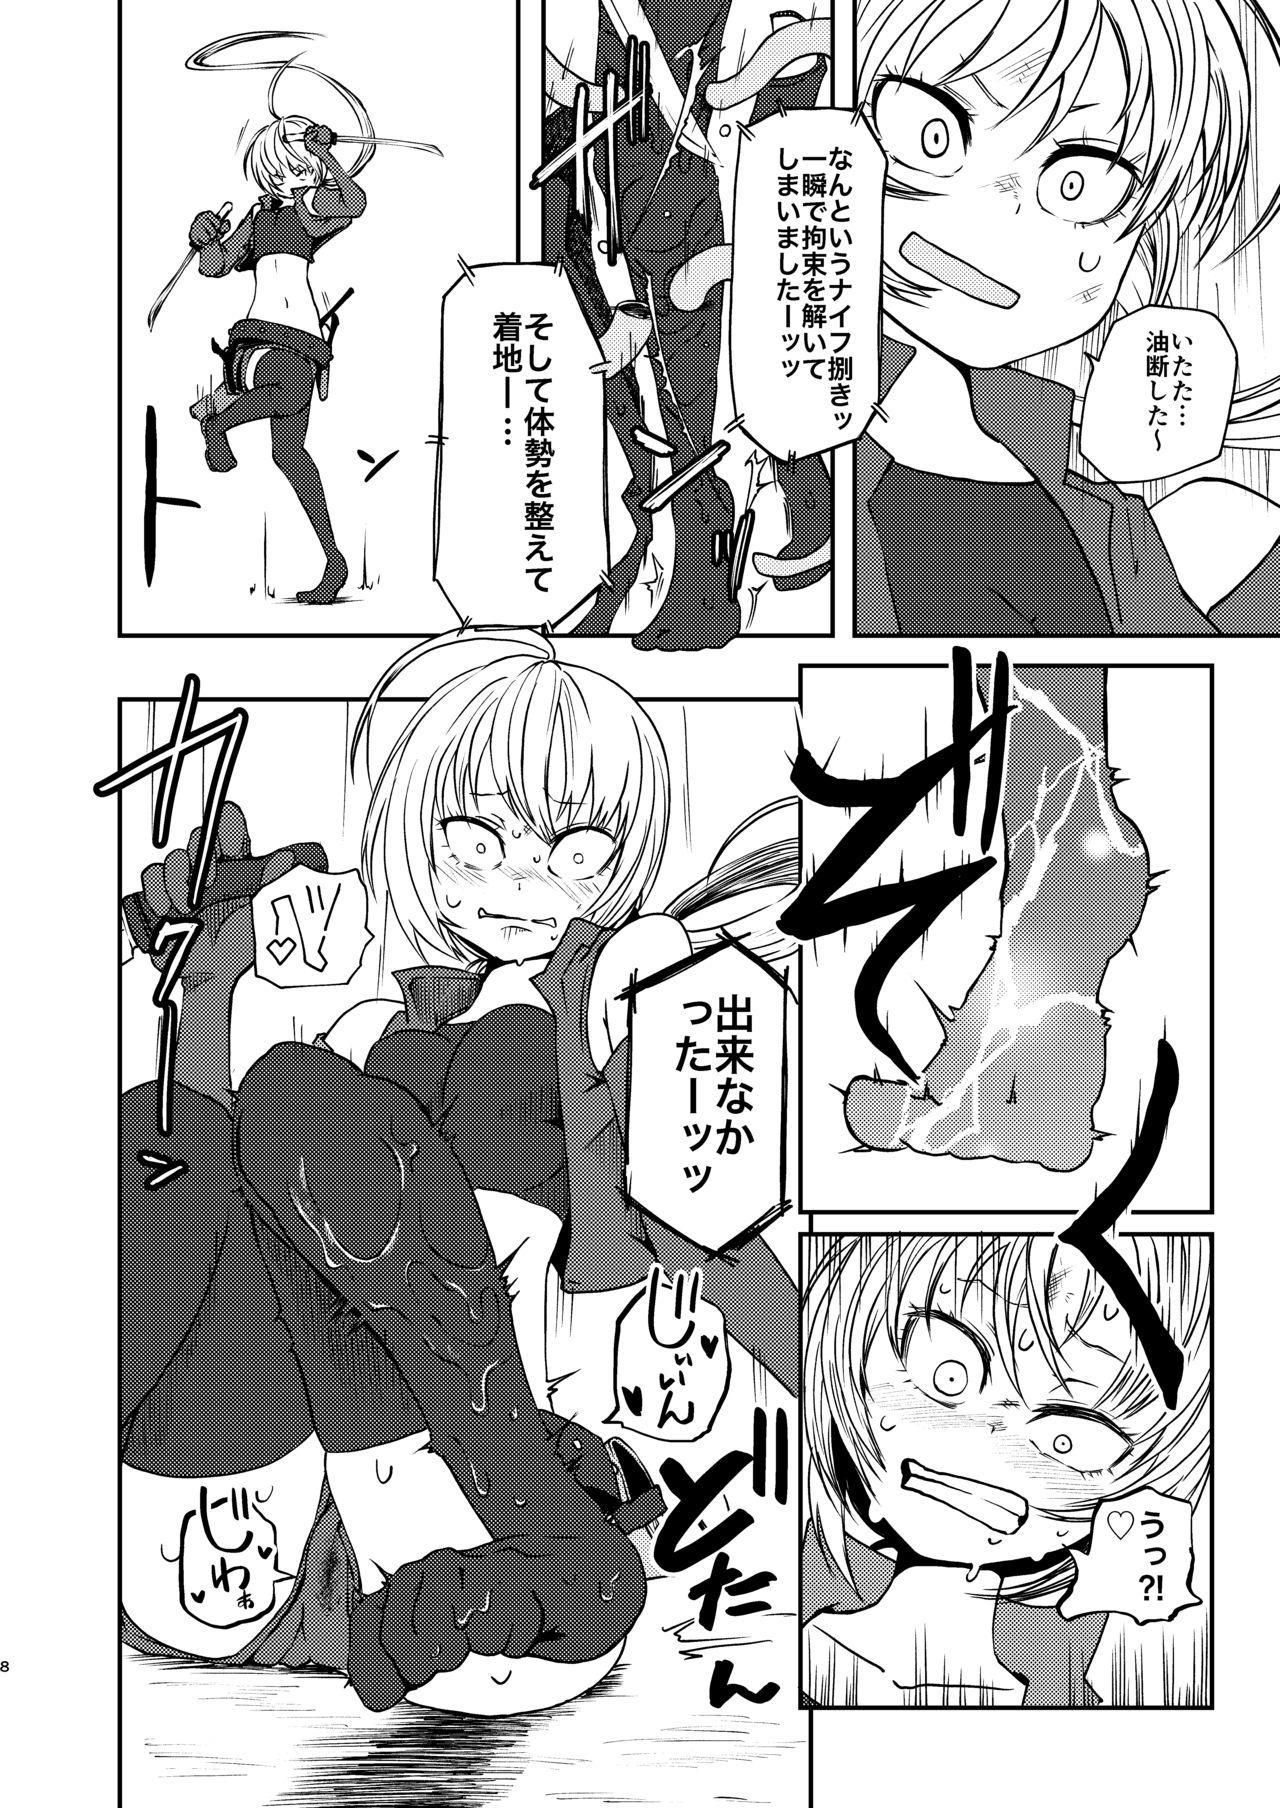 Tada no Onna Boukensha ga Tougijou ni Sanka Shita Kekka Lv 99 no Monster-san ni Bokoboko ni Saremashita 6